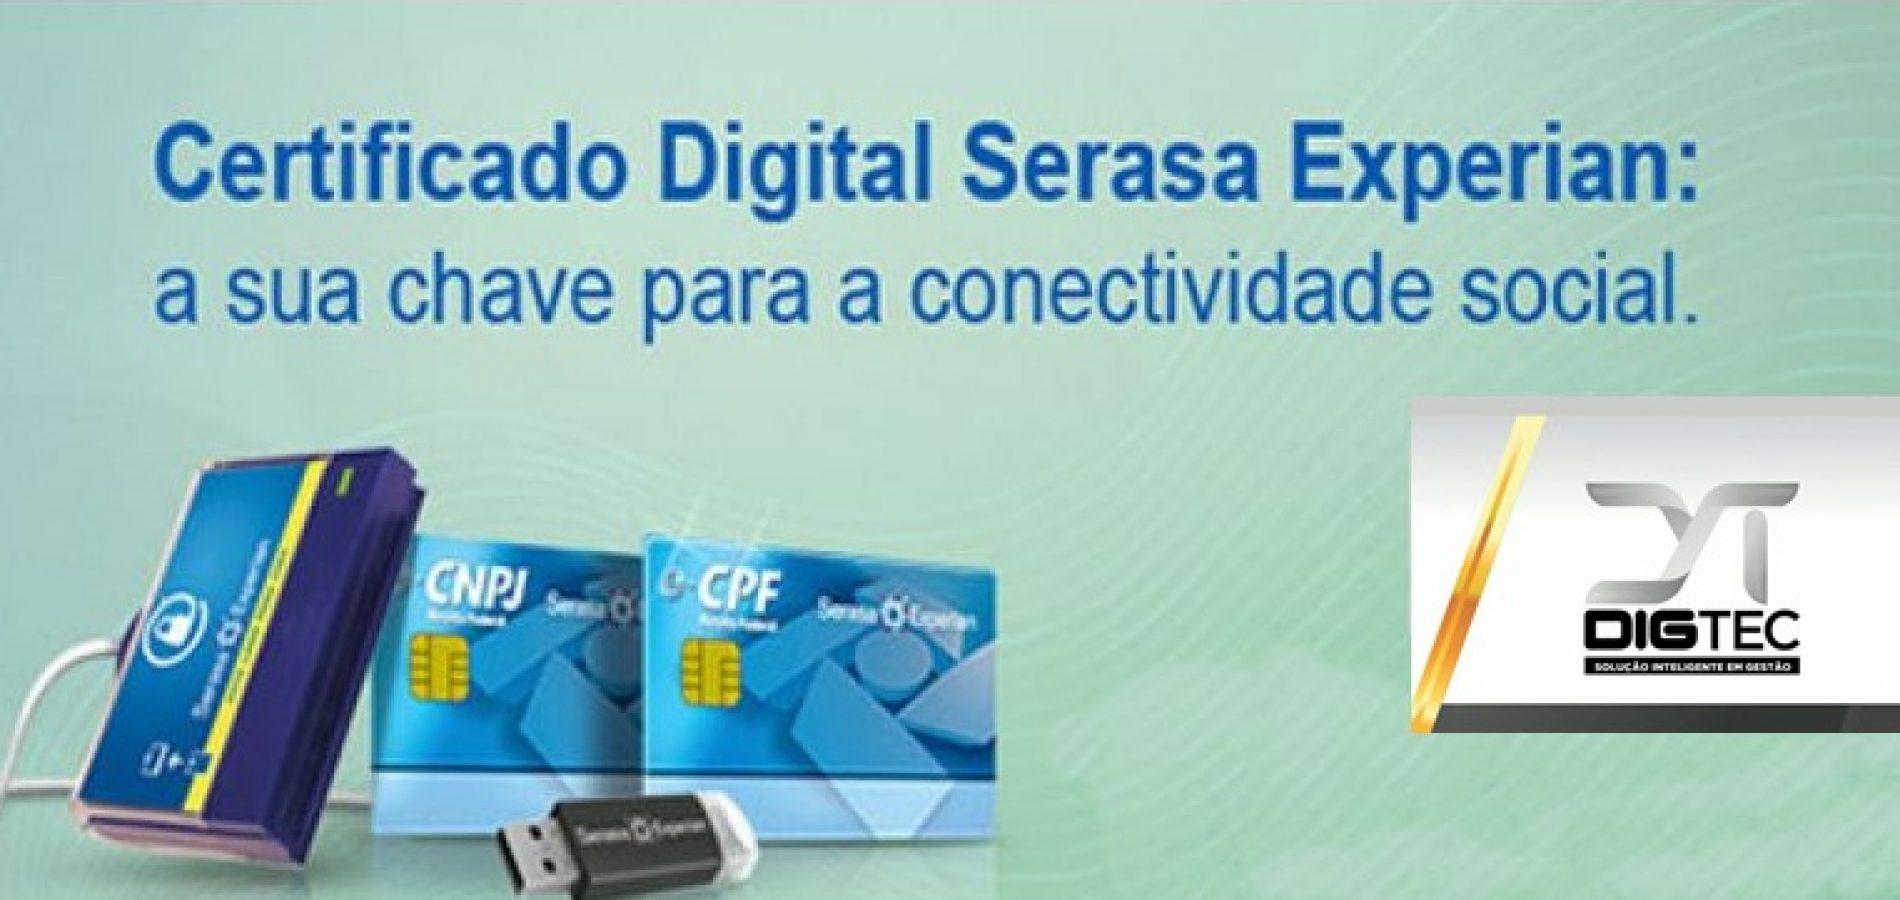 DIGTEC firma parceria e Padre Marcos passa a contar com agência certificadora da Serasa Experian